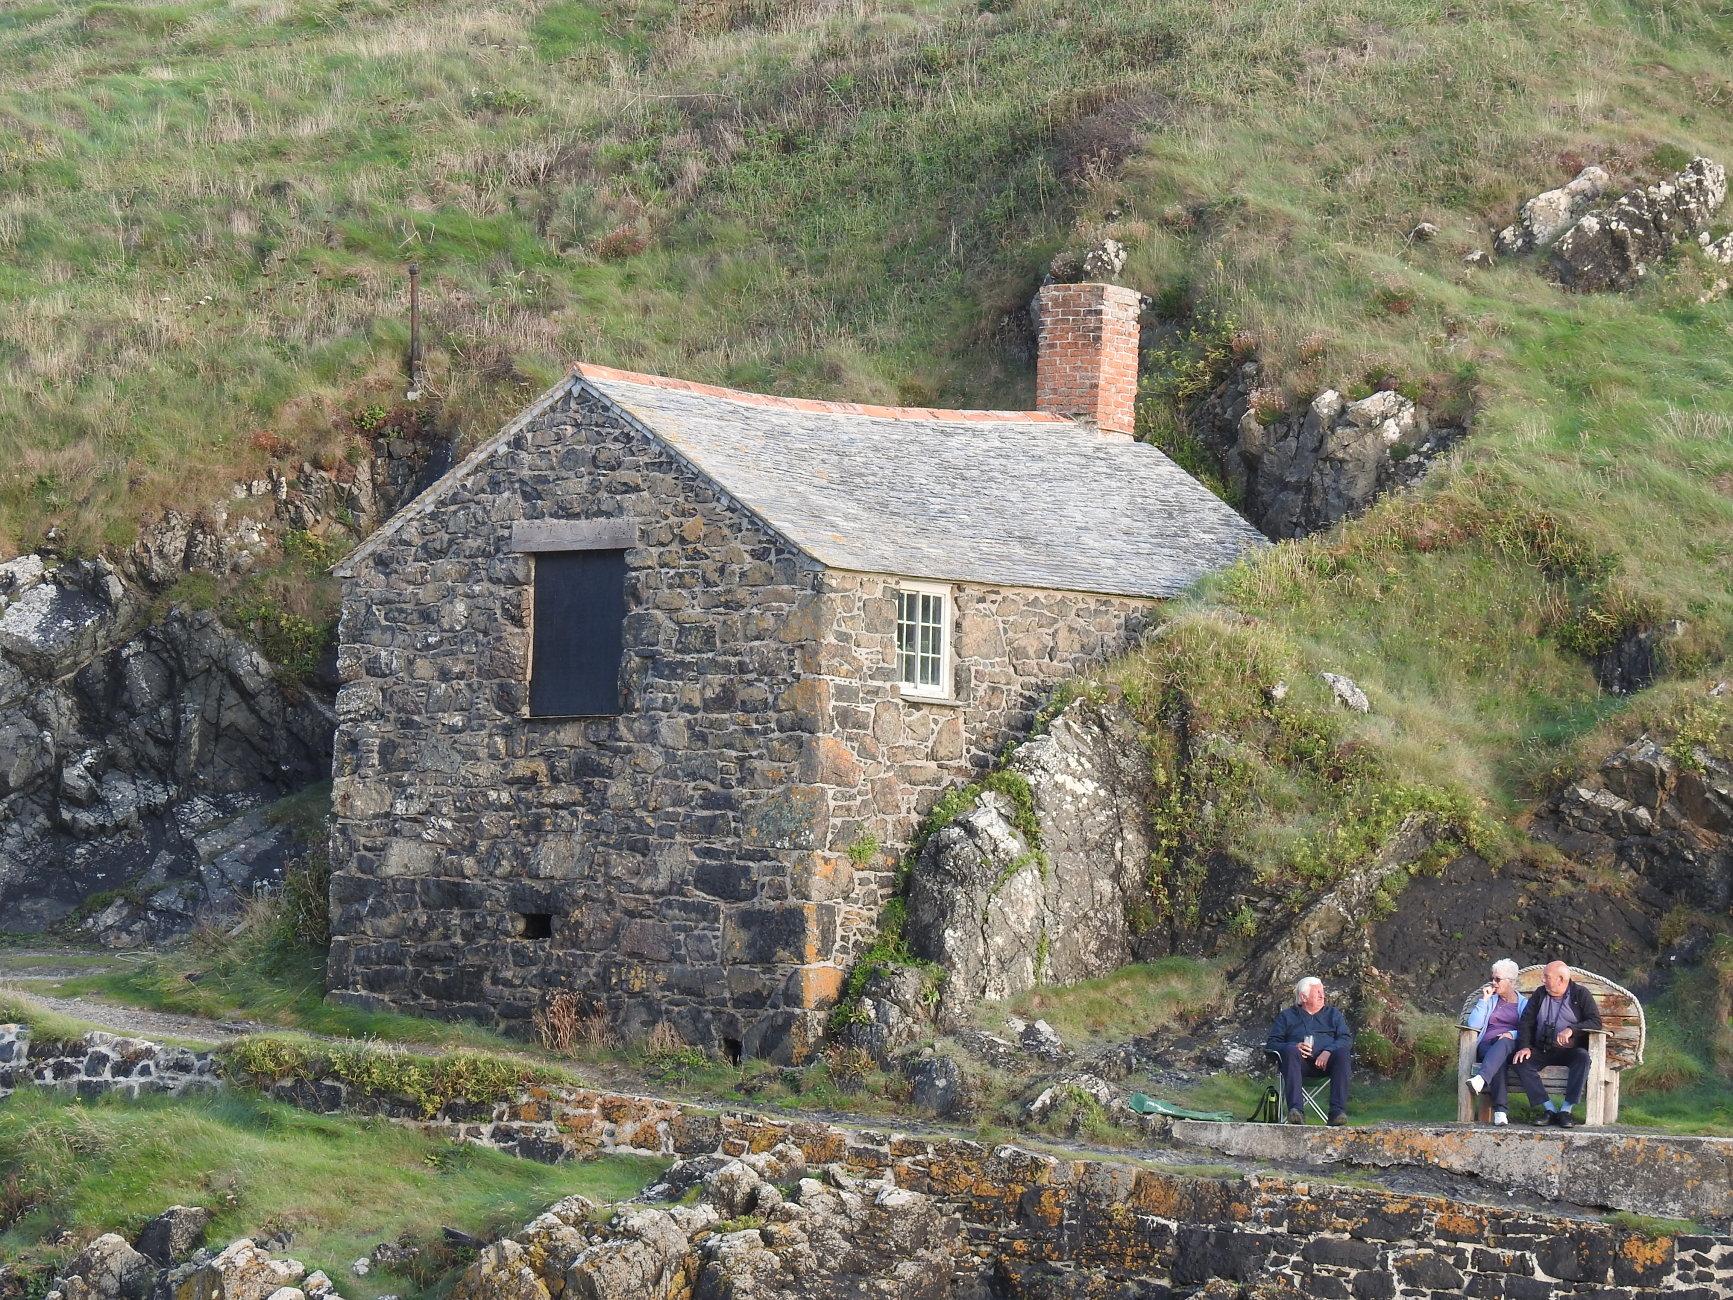 Mullion cove Harbour cottage